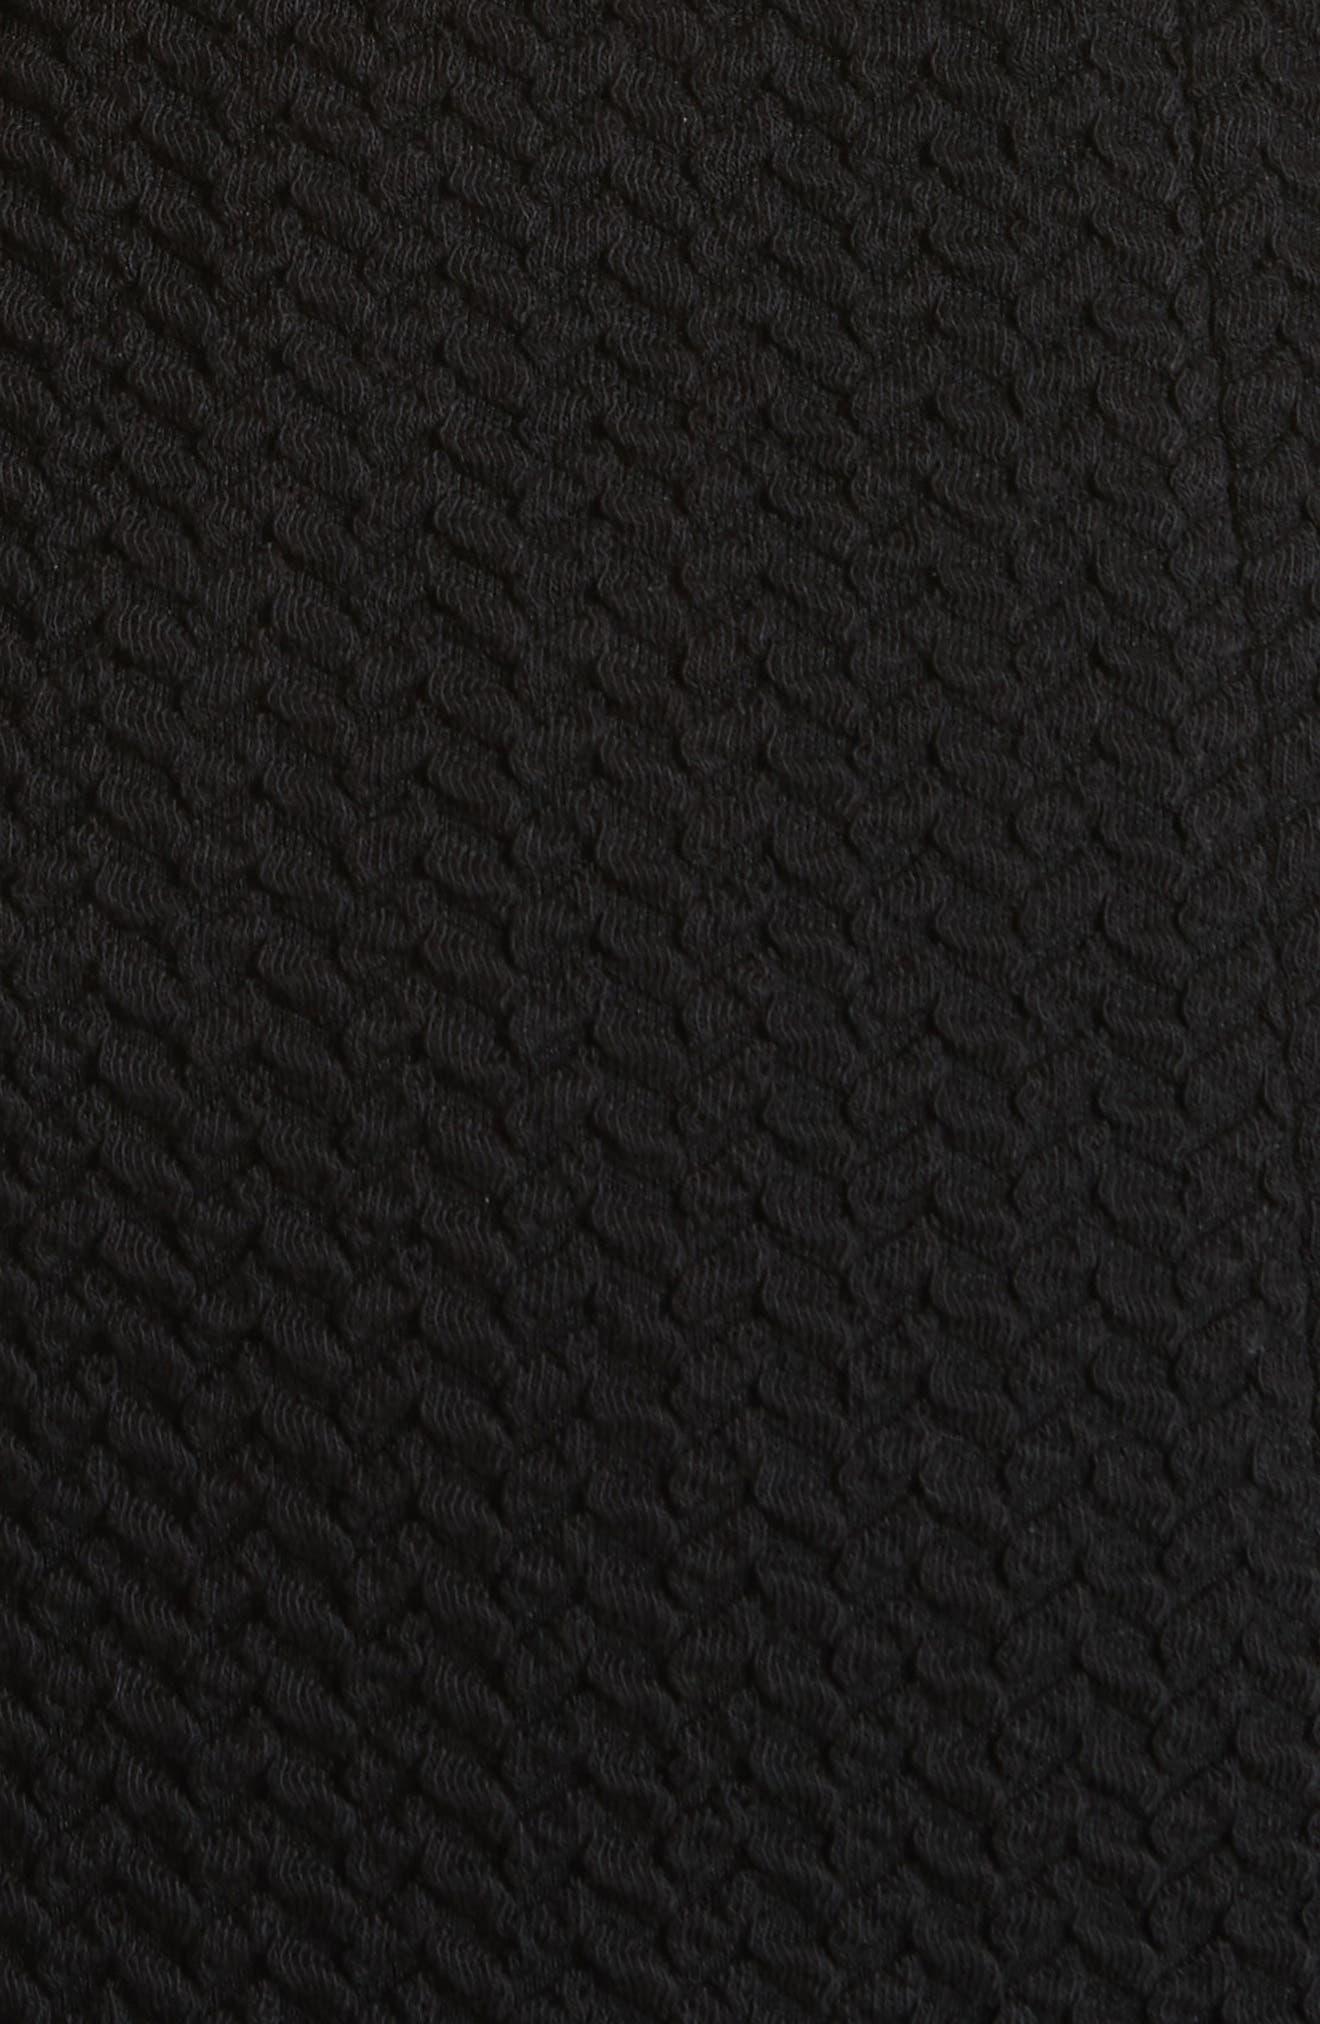 Cap Sleeve Ruffle Hem Dress,                             Alternate thumbnail 5, color,                             Black